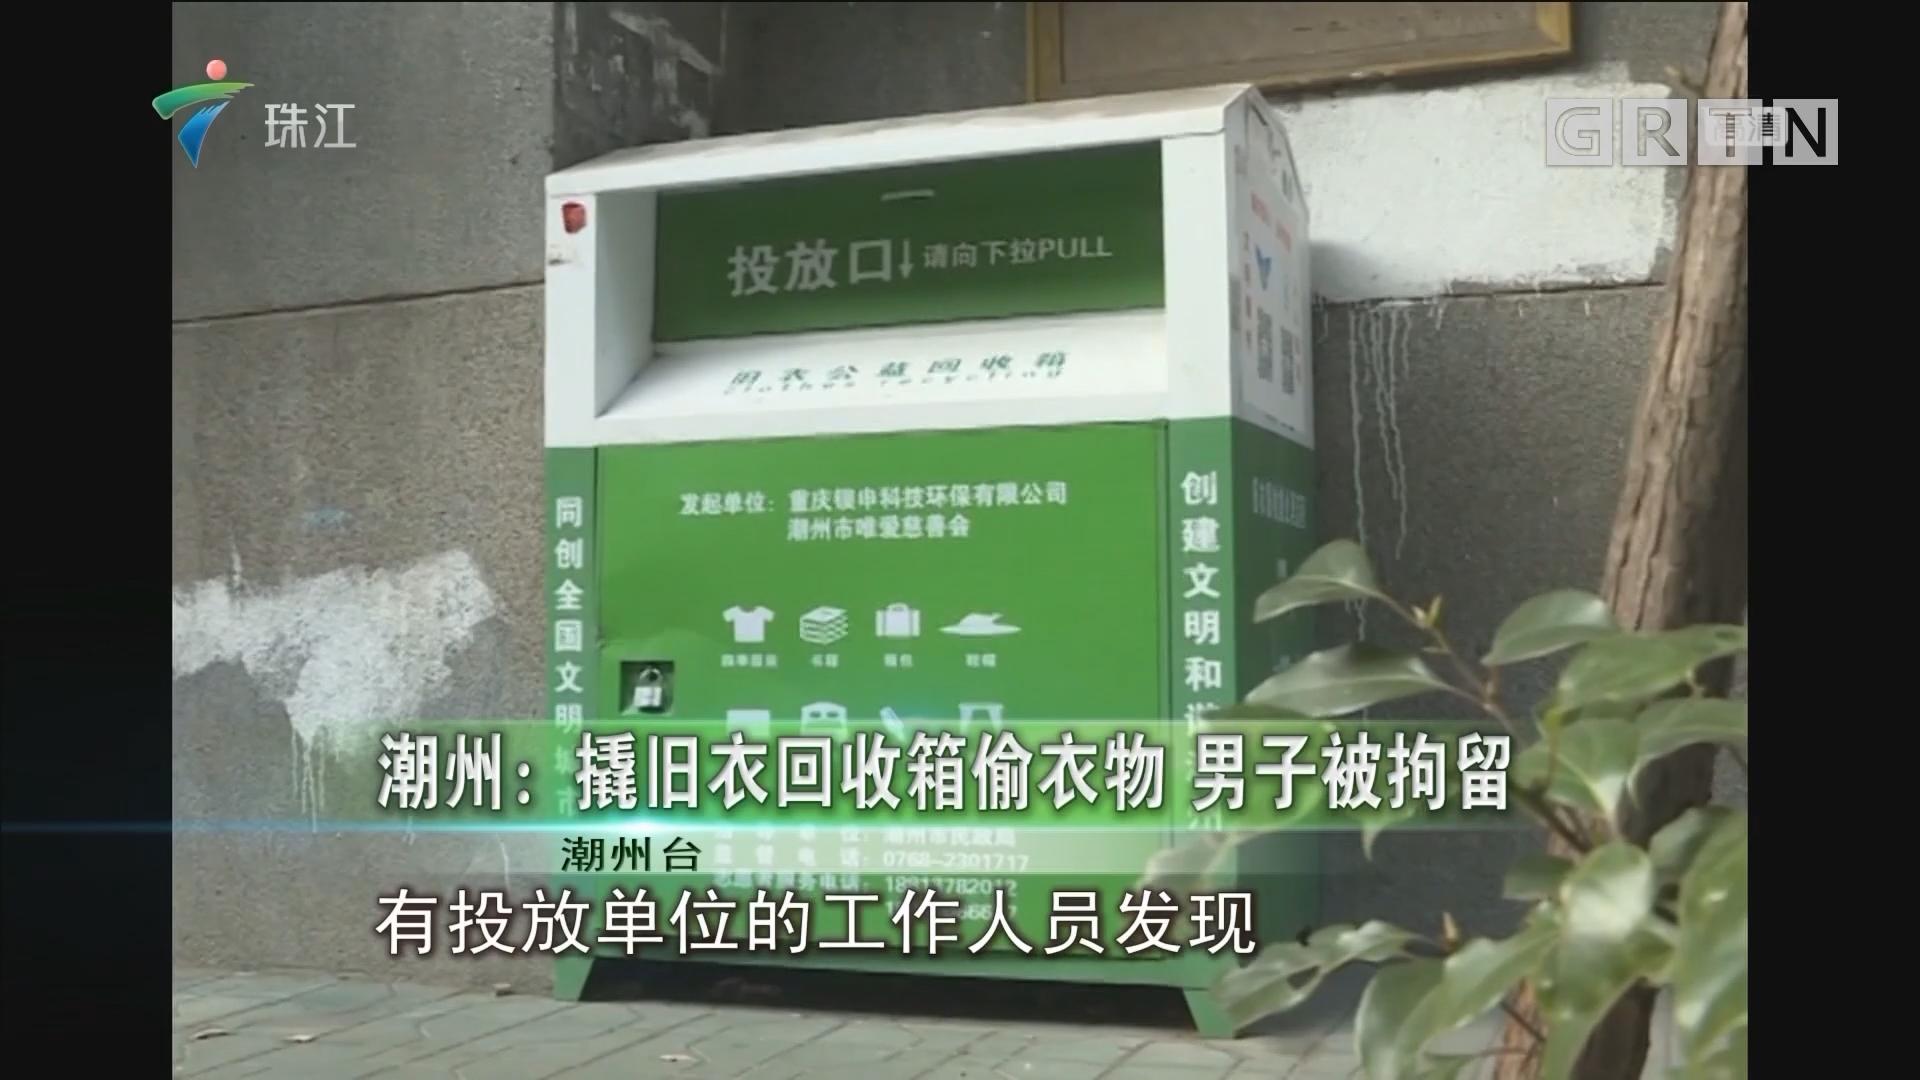 潮州:撬旧衣回收箱偷衣物 男子被拘留